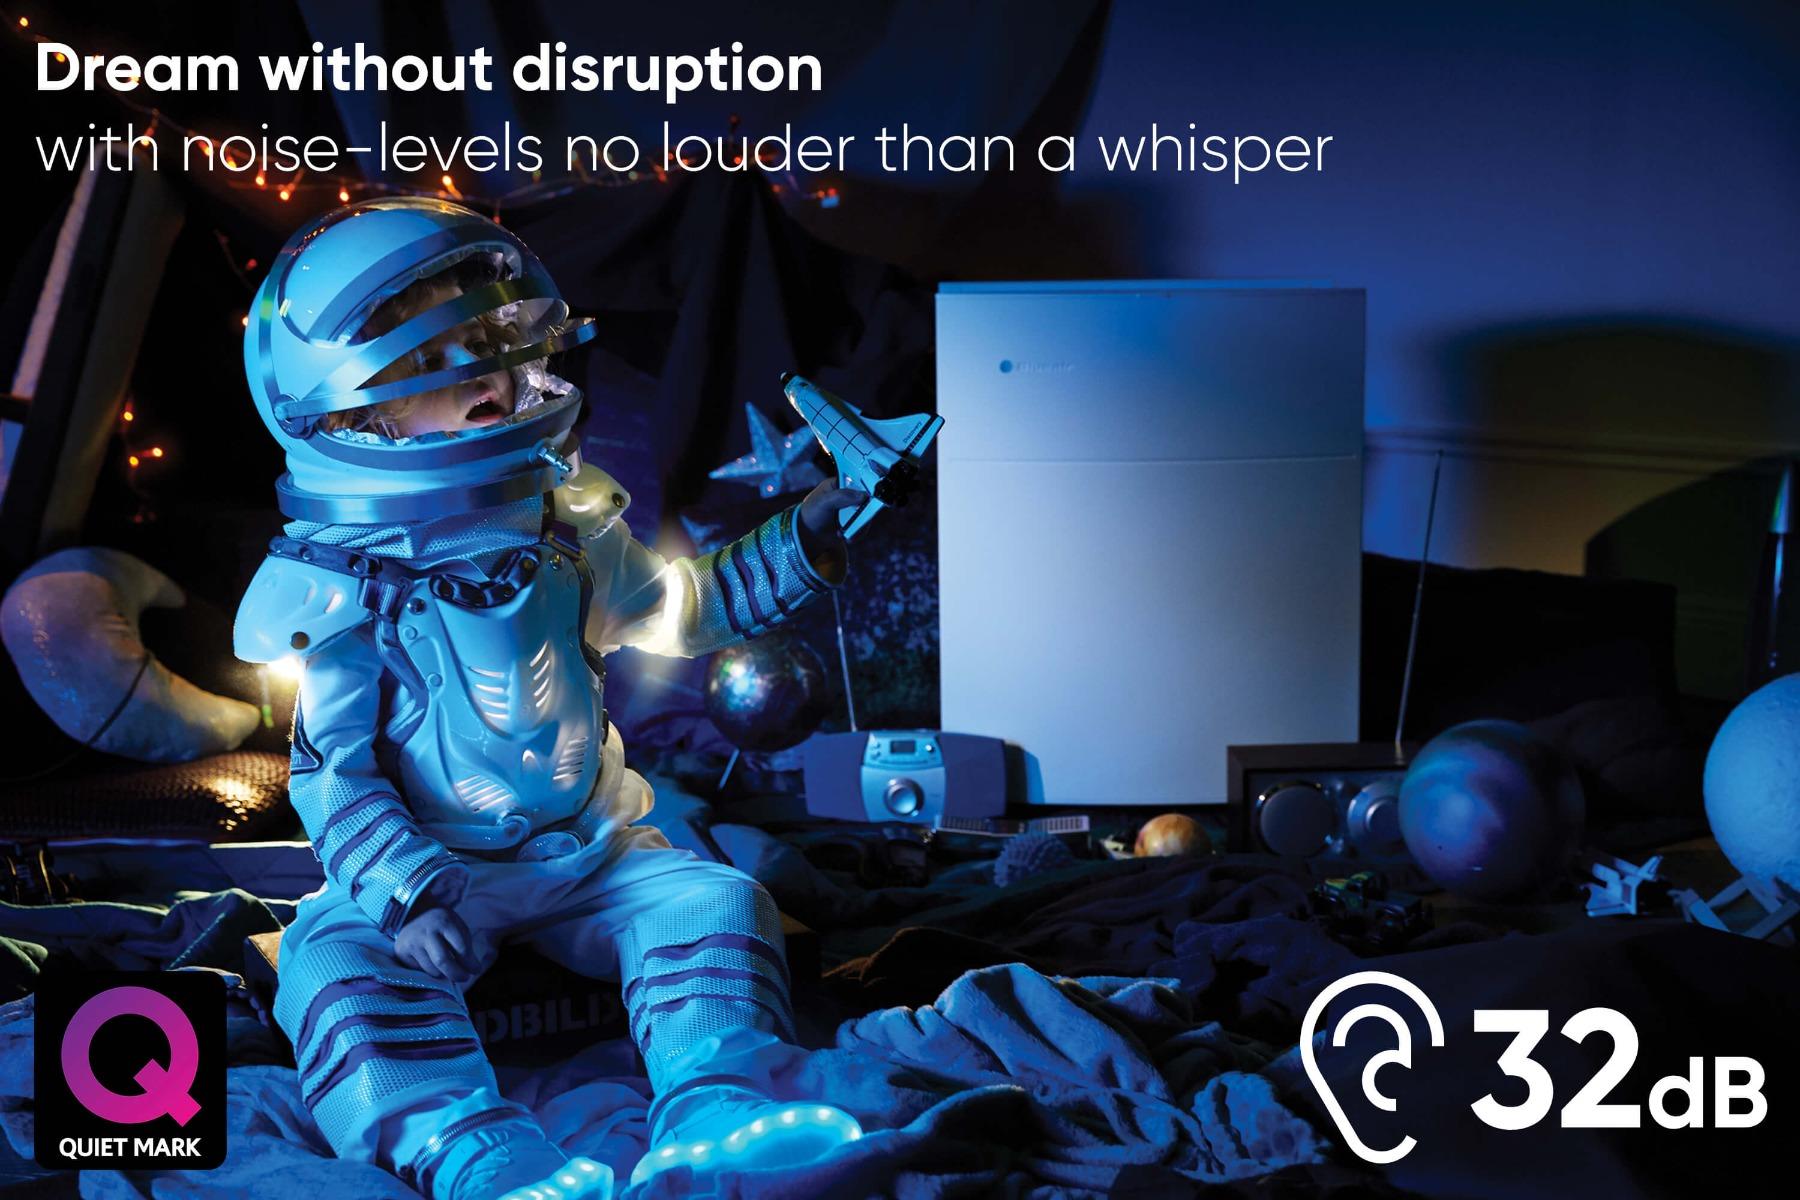 Blueair Classic 405 Air Purifier Sleep without distruption